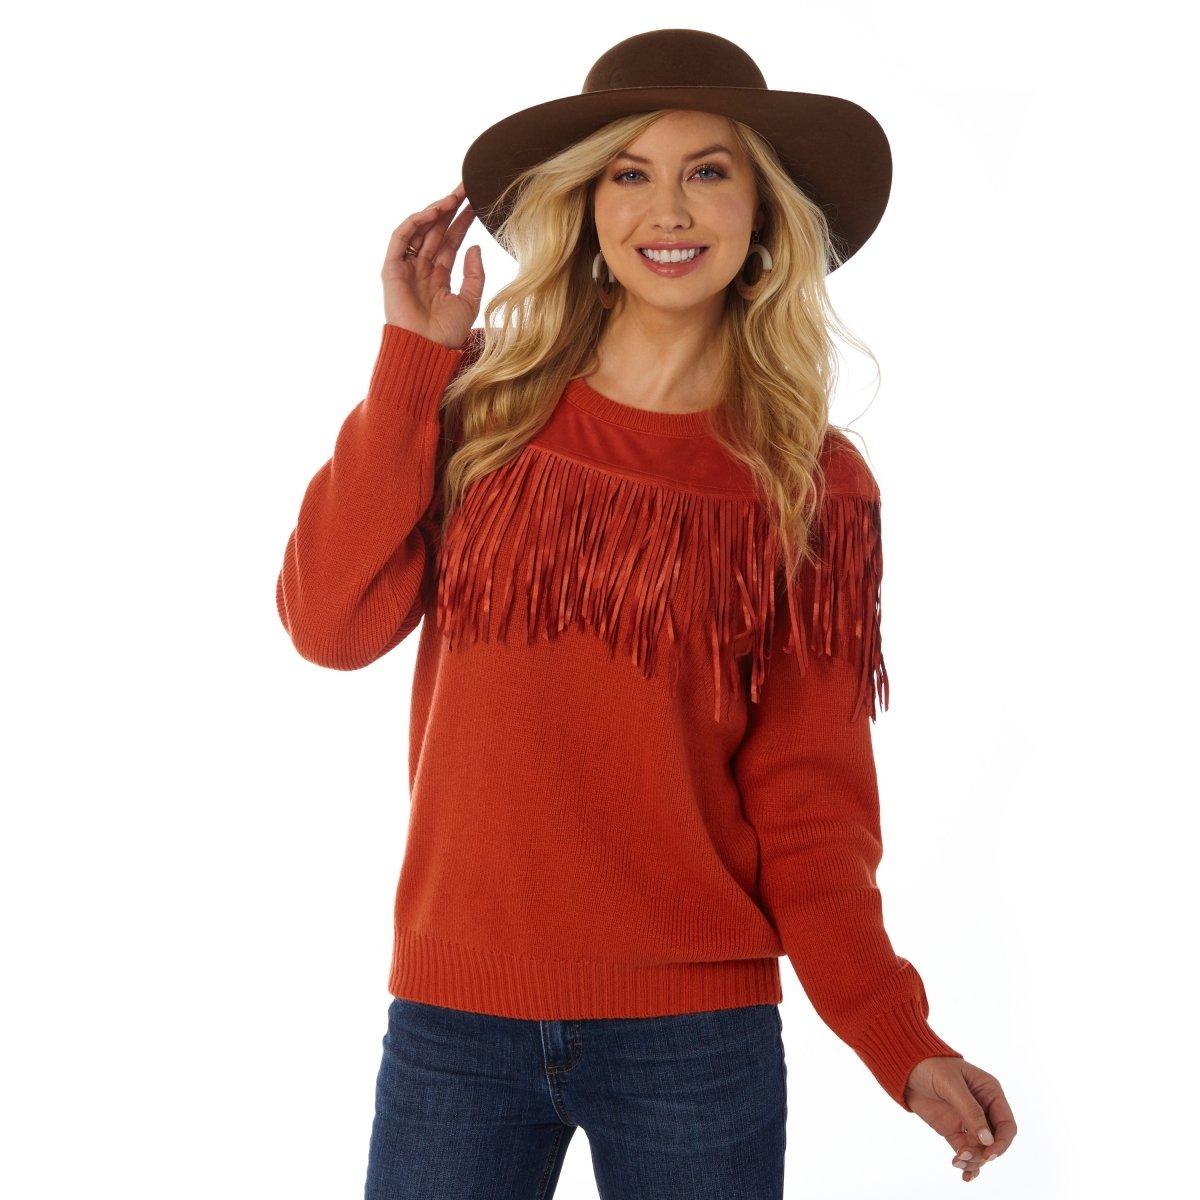 Faux Suede Fringe Yoke Sweater from Wrangler